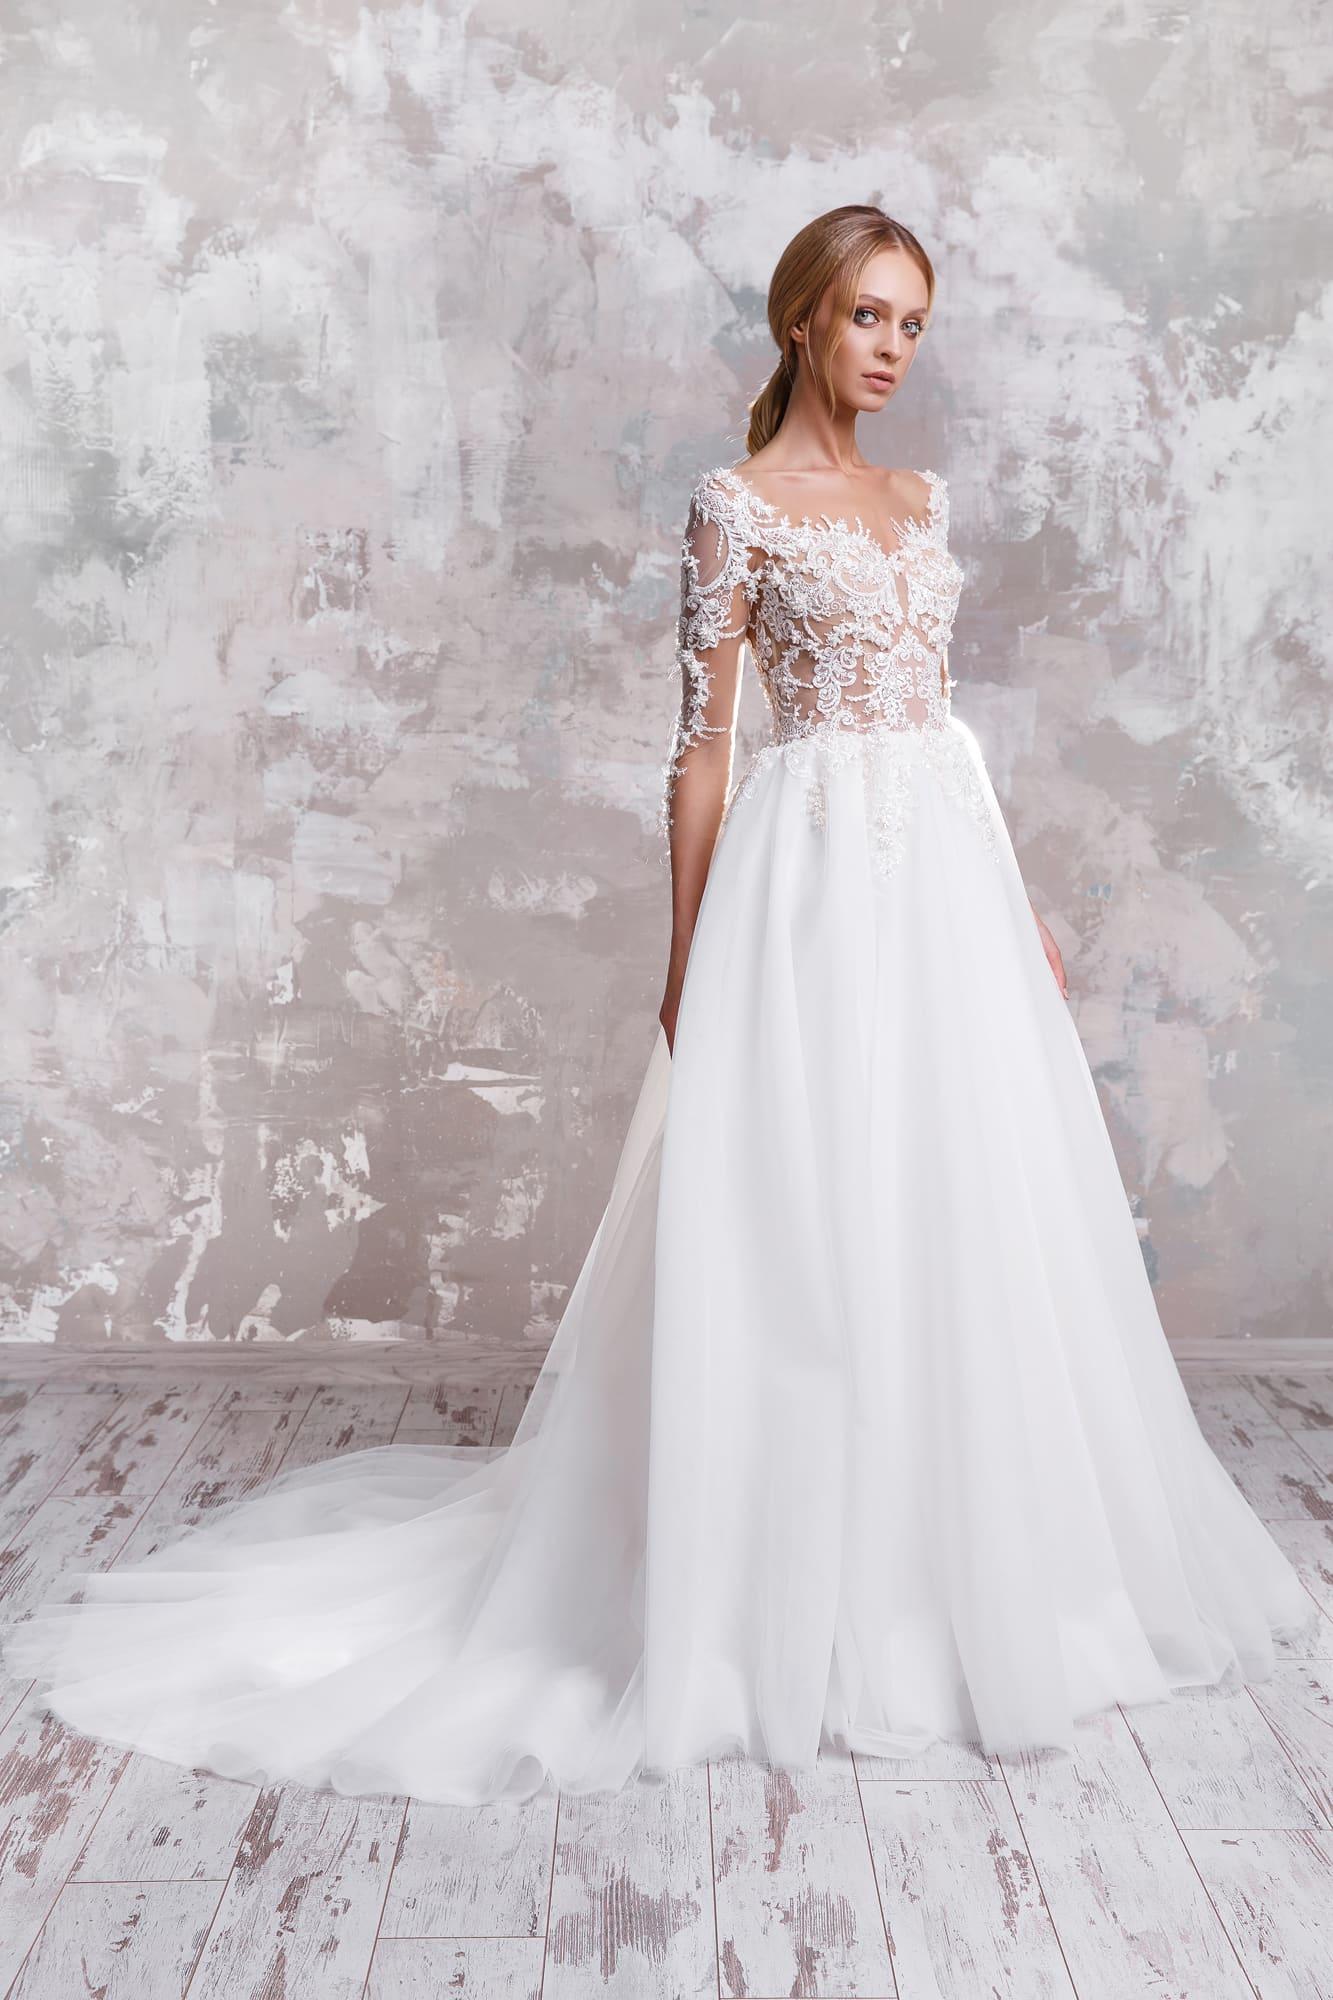 990851f94c71a93 Свадебное платье Queen Ellen ▷ Свадебный Торговый Центр Вега в Москве